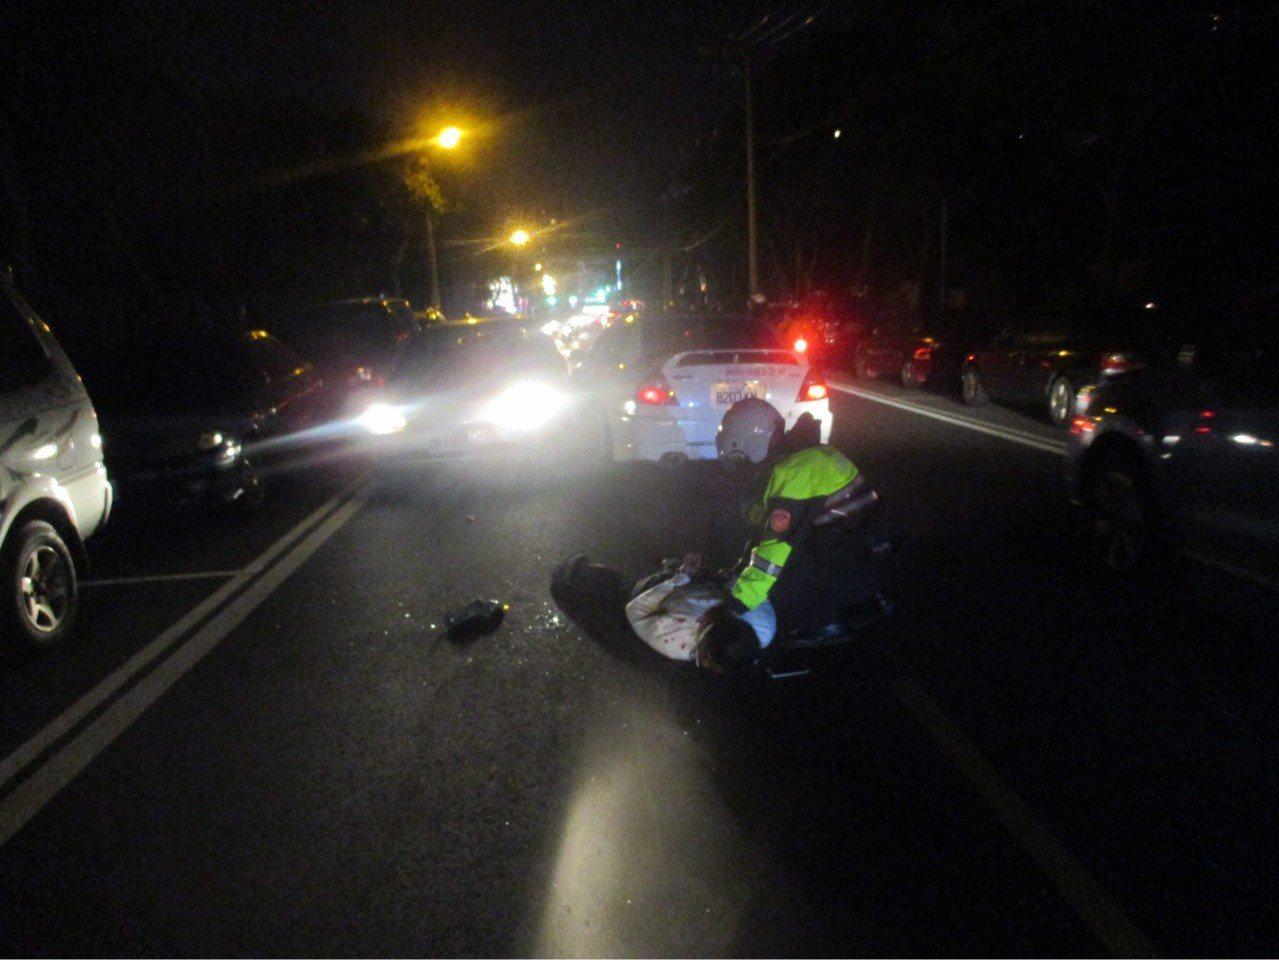 警方把男子從車裡拖出來壓制並搜出毒品。記者鄭國樑/翻攝